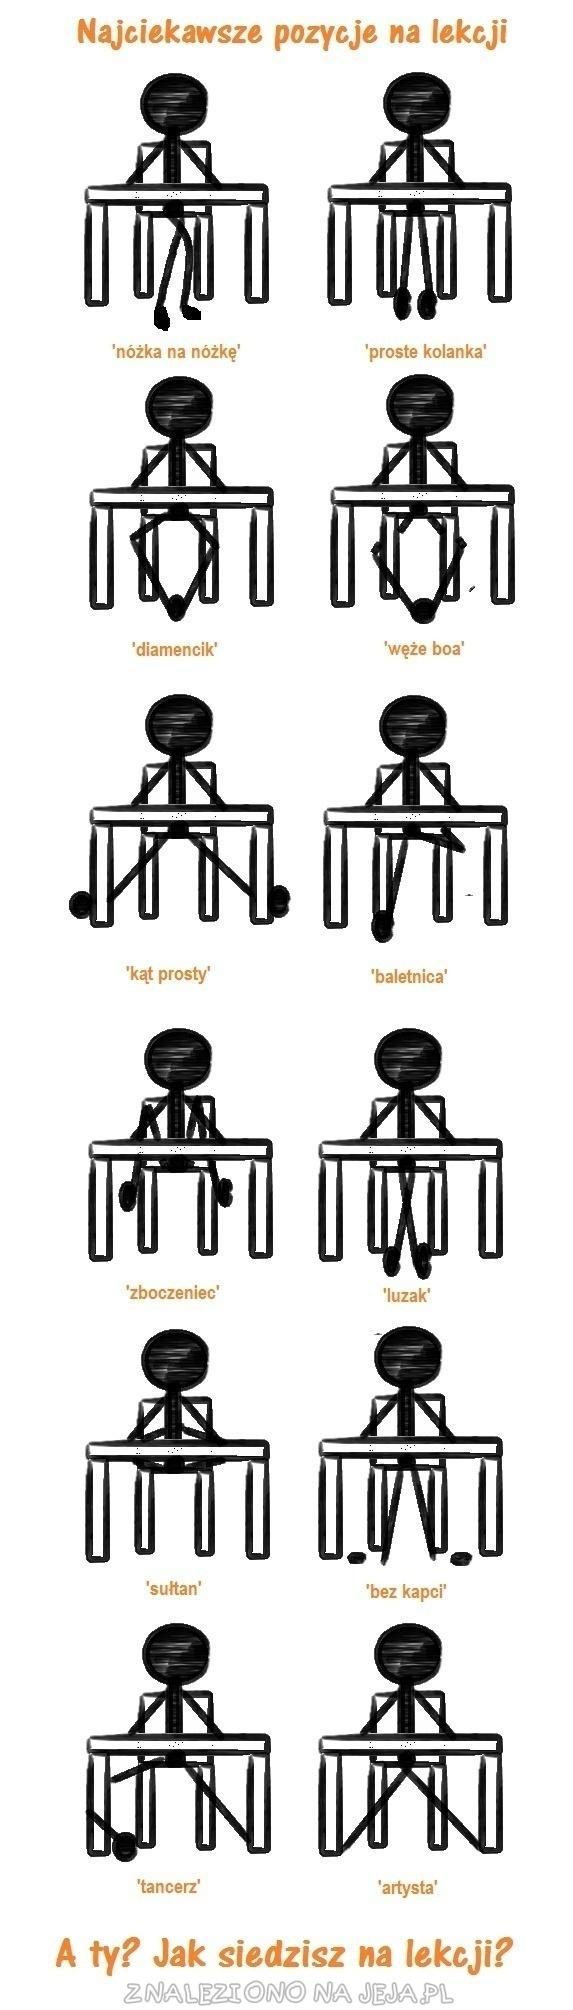 Najciekawsze pozycje na lekcji